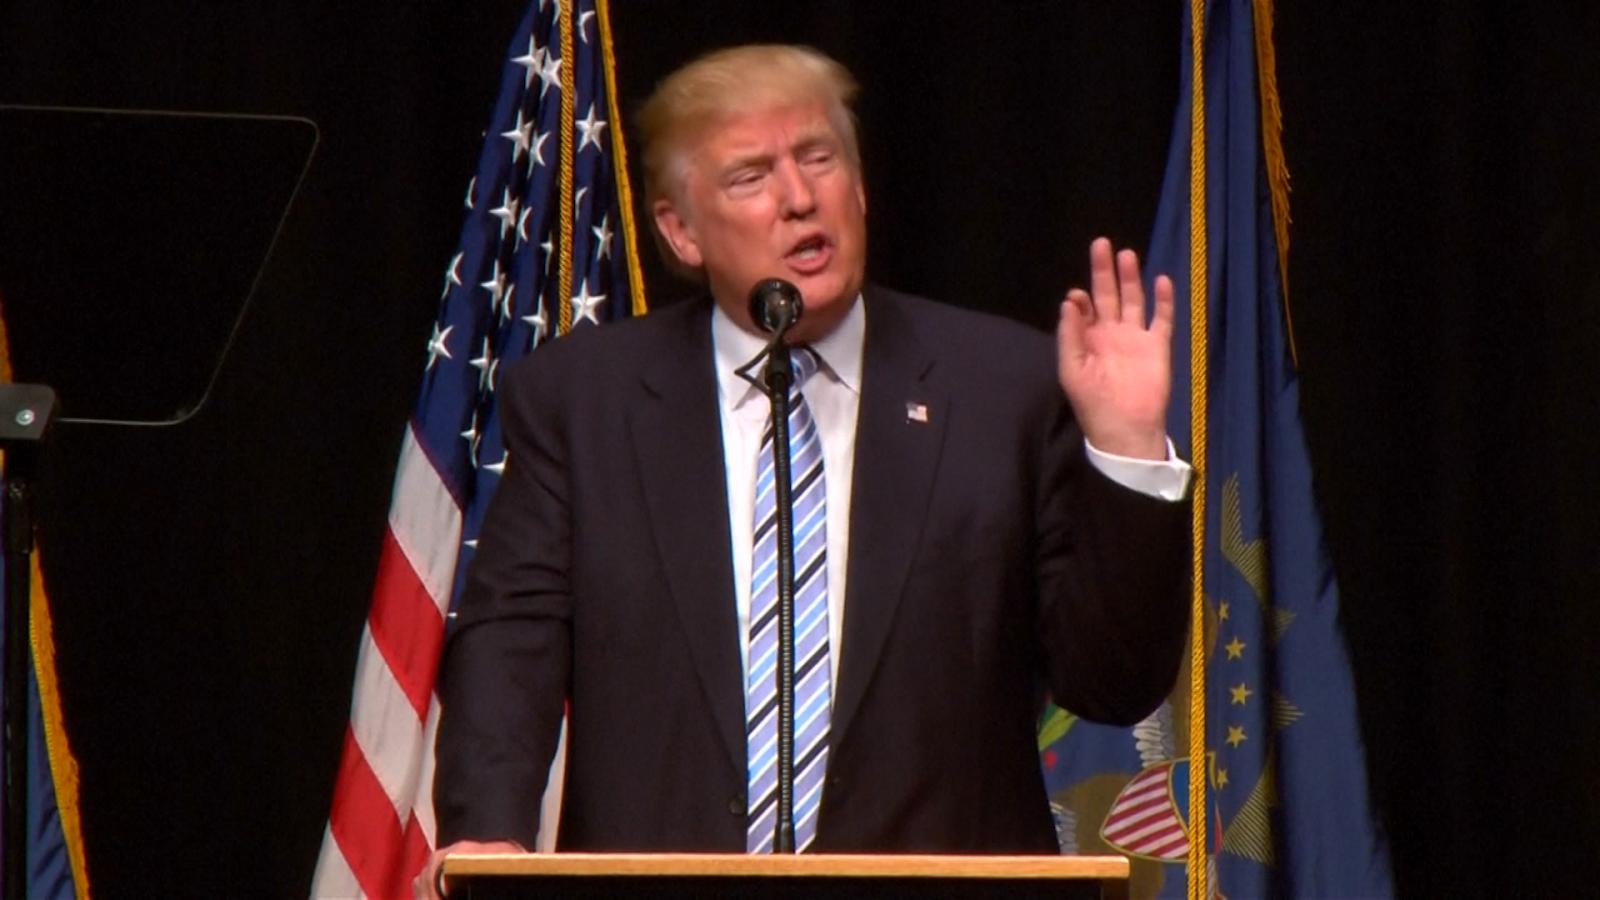 Donald Trump vows to exit Paris climate agreement